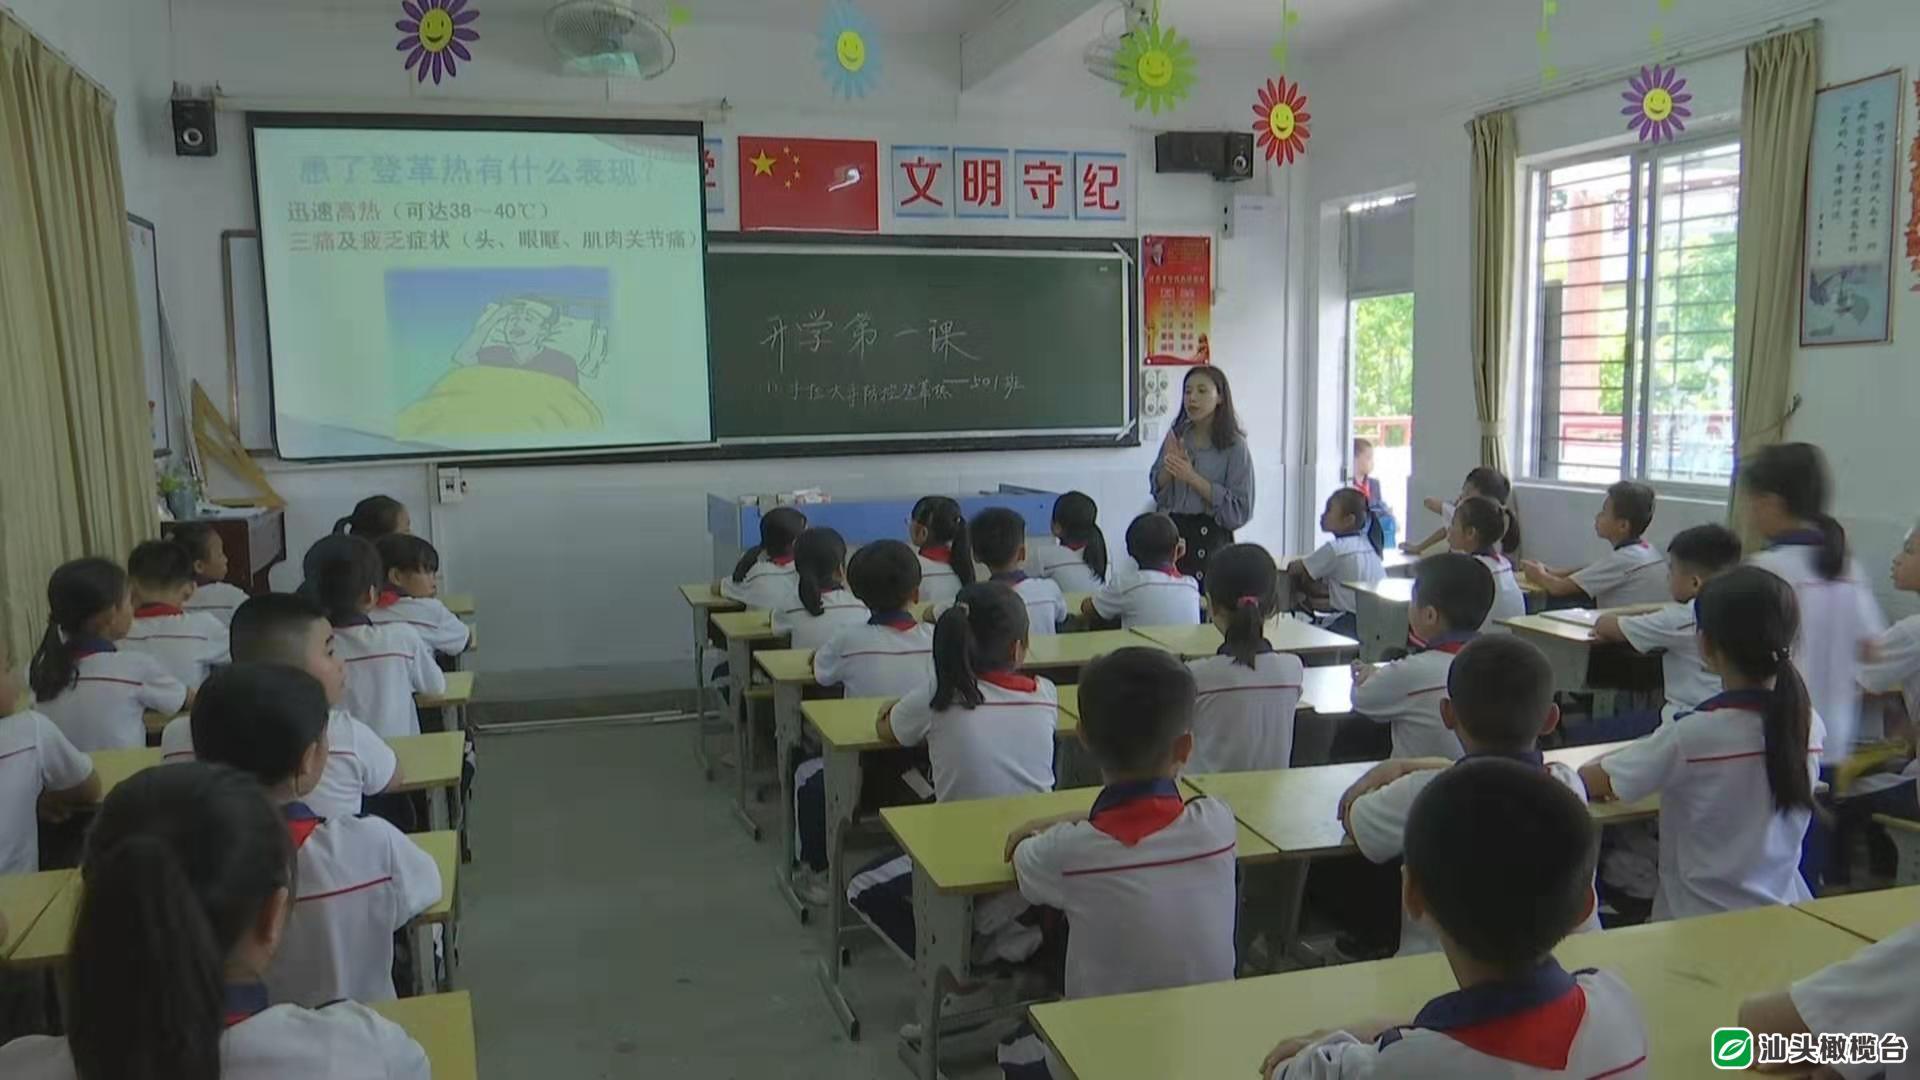 包括谷饶教师多名,汕头拟表彰一批教育工作者